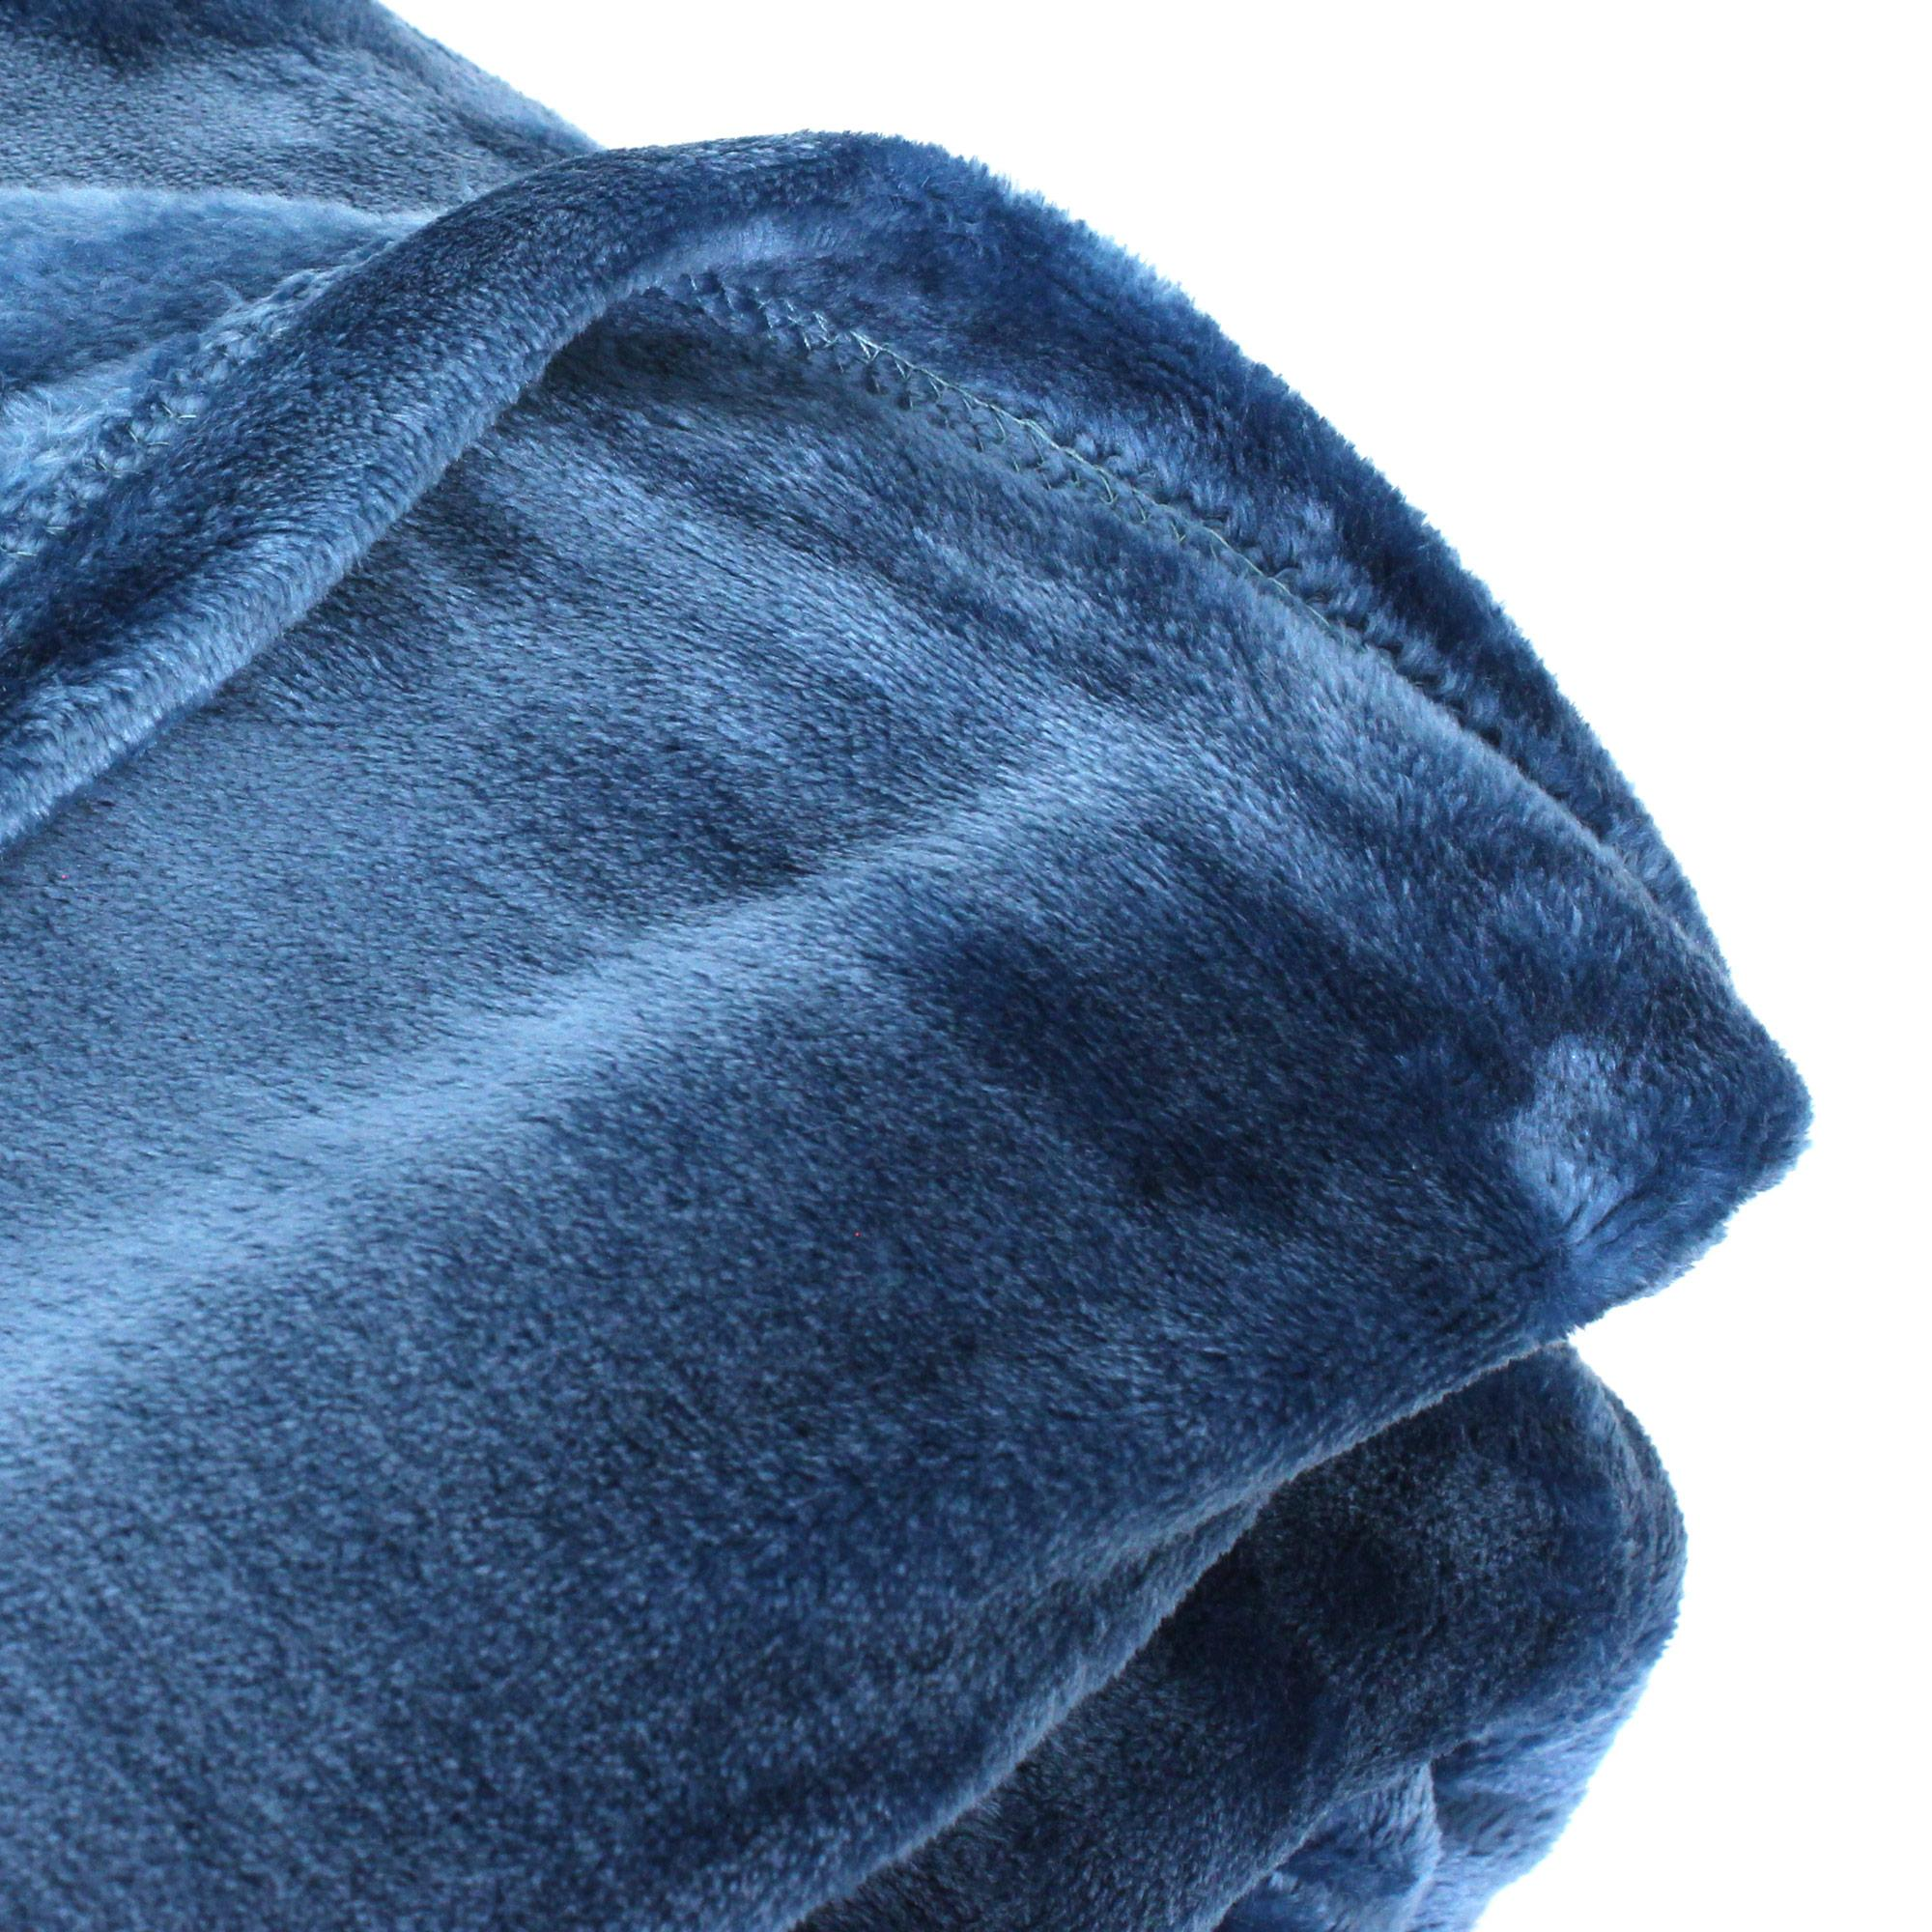 couverture polaire microvelours 220x240 cm velvet bleu de prusse bleu 100 polyester 320 g m2. Black Bedroom Furniture Sets. Home Design Ideas